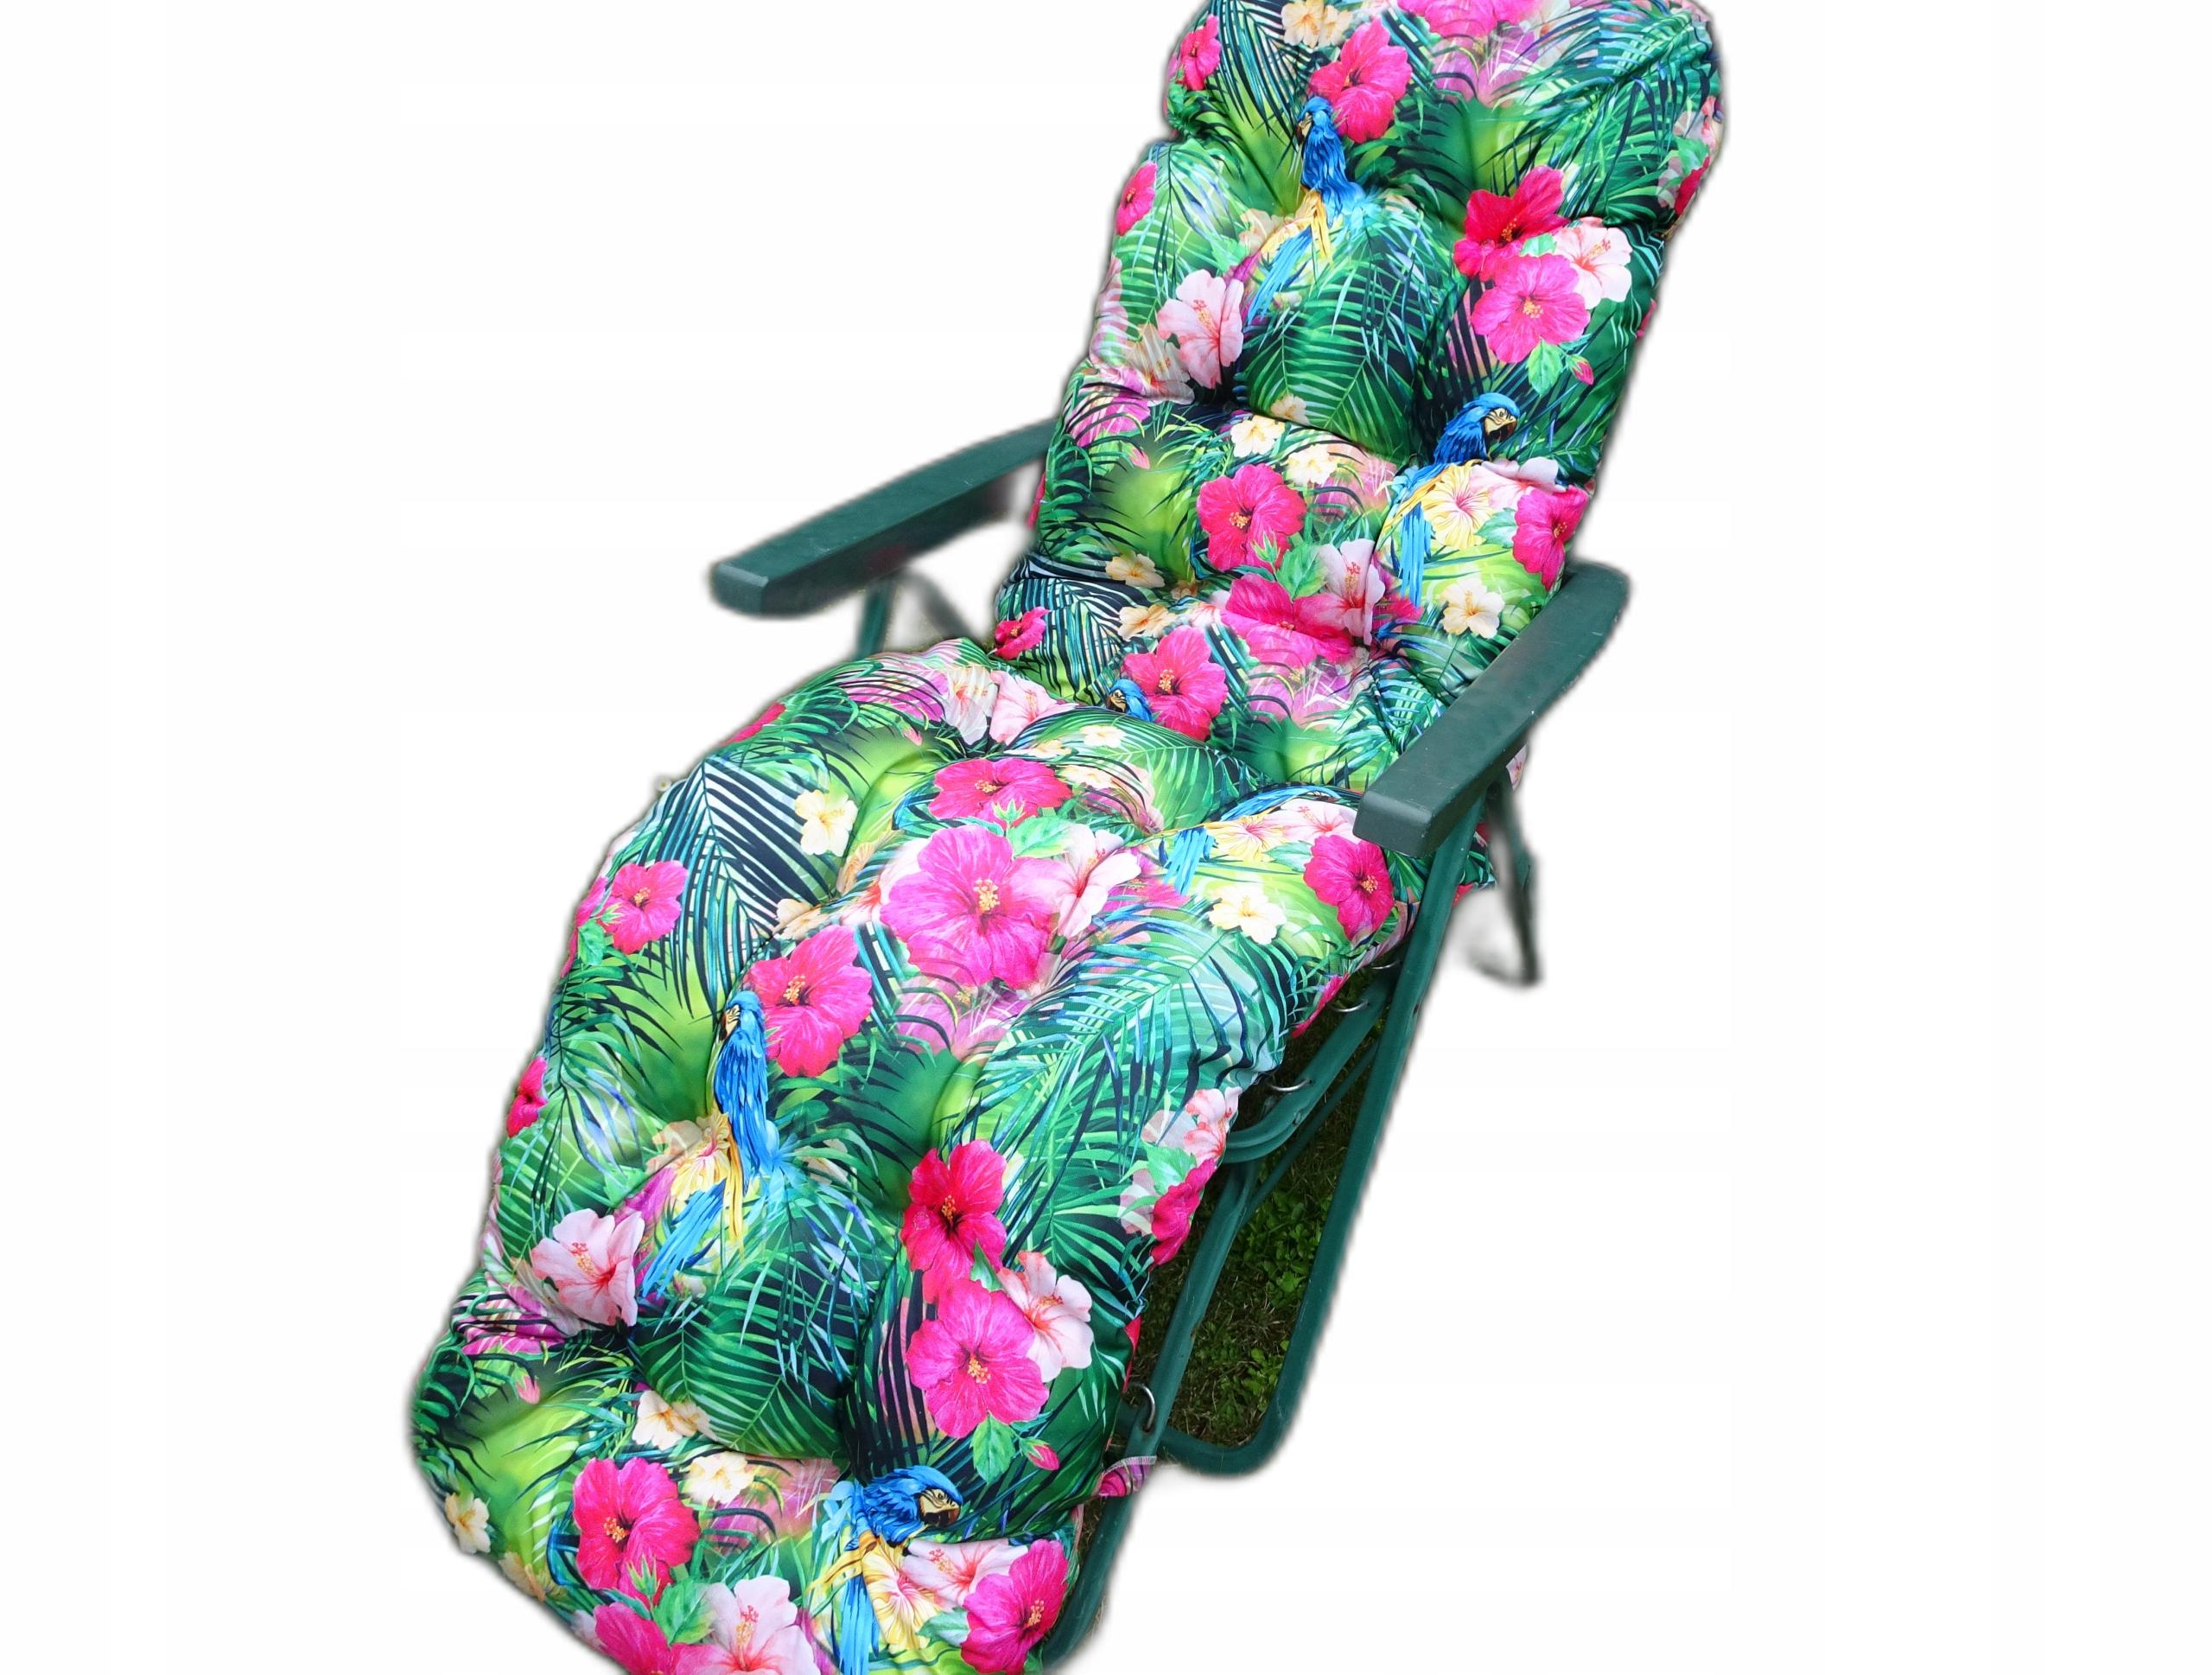 подушка для кресла 7 шт. 12см DELICIOUS производитель CHANCE